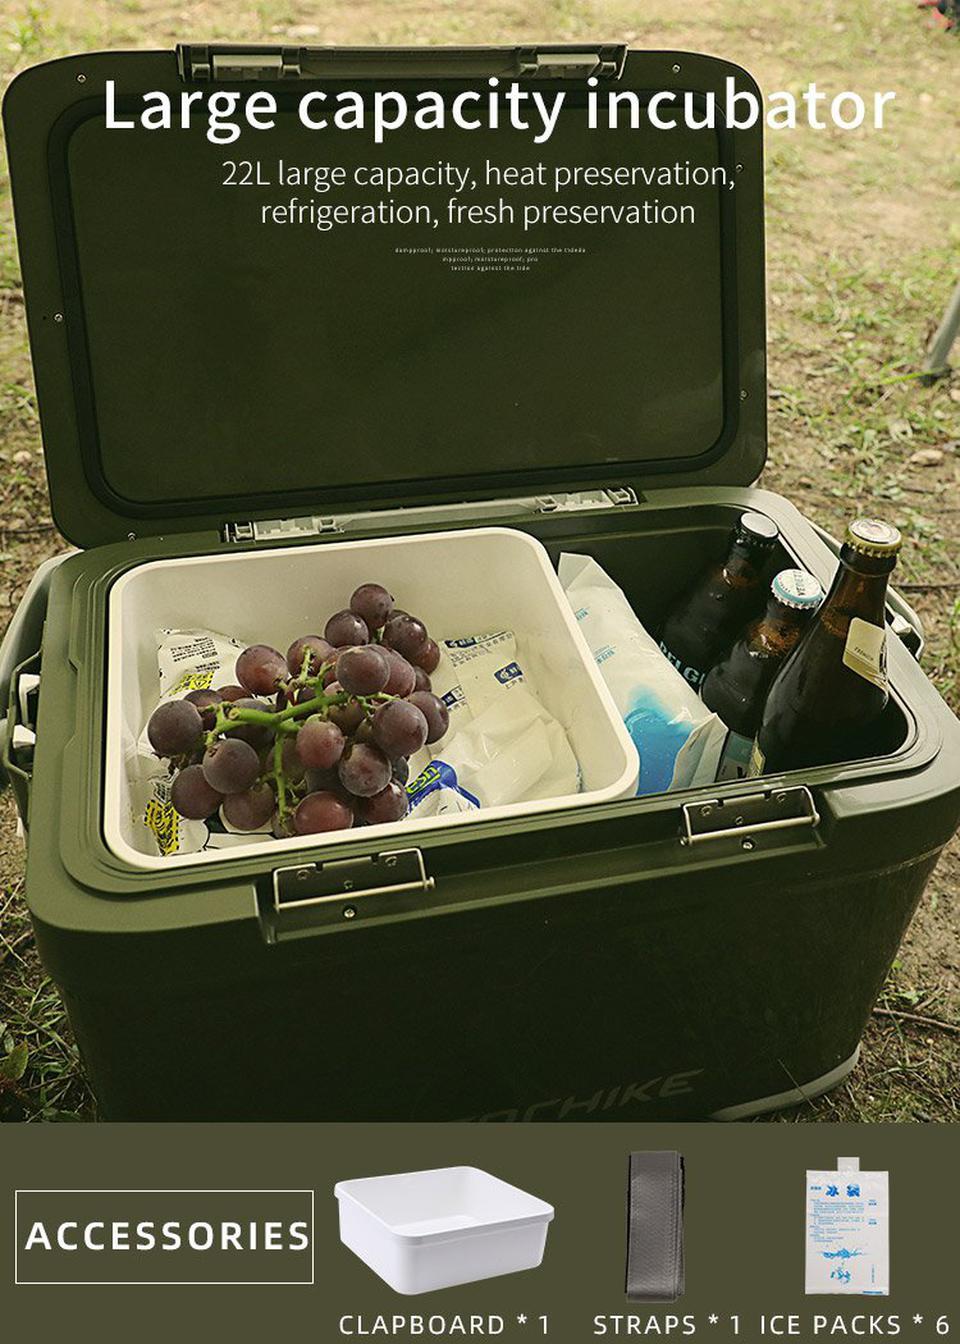 กระติกถังน้ำเก็บความเย็นถังแช่เครื่องดื่มน้ำเย็น22ลิตรเก็บความเย็นได้48ชม.ฝาเปิดได้2ทางมีจุกปล่อยน้ำด้านข้างhitorhike รูปที่ 1